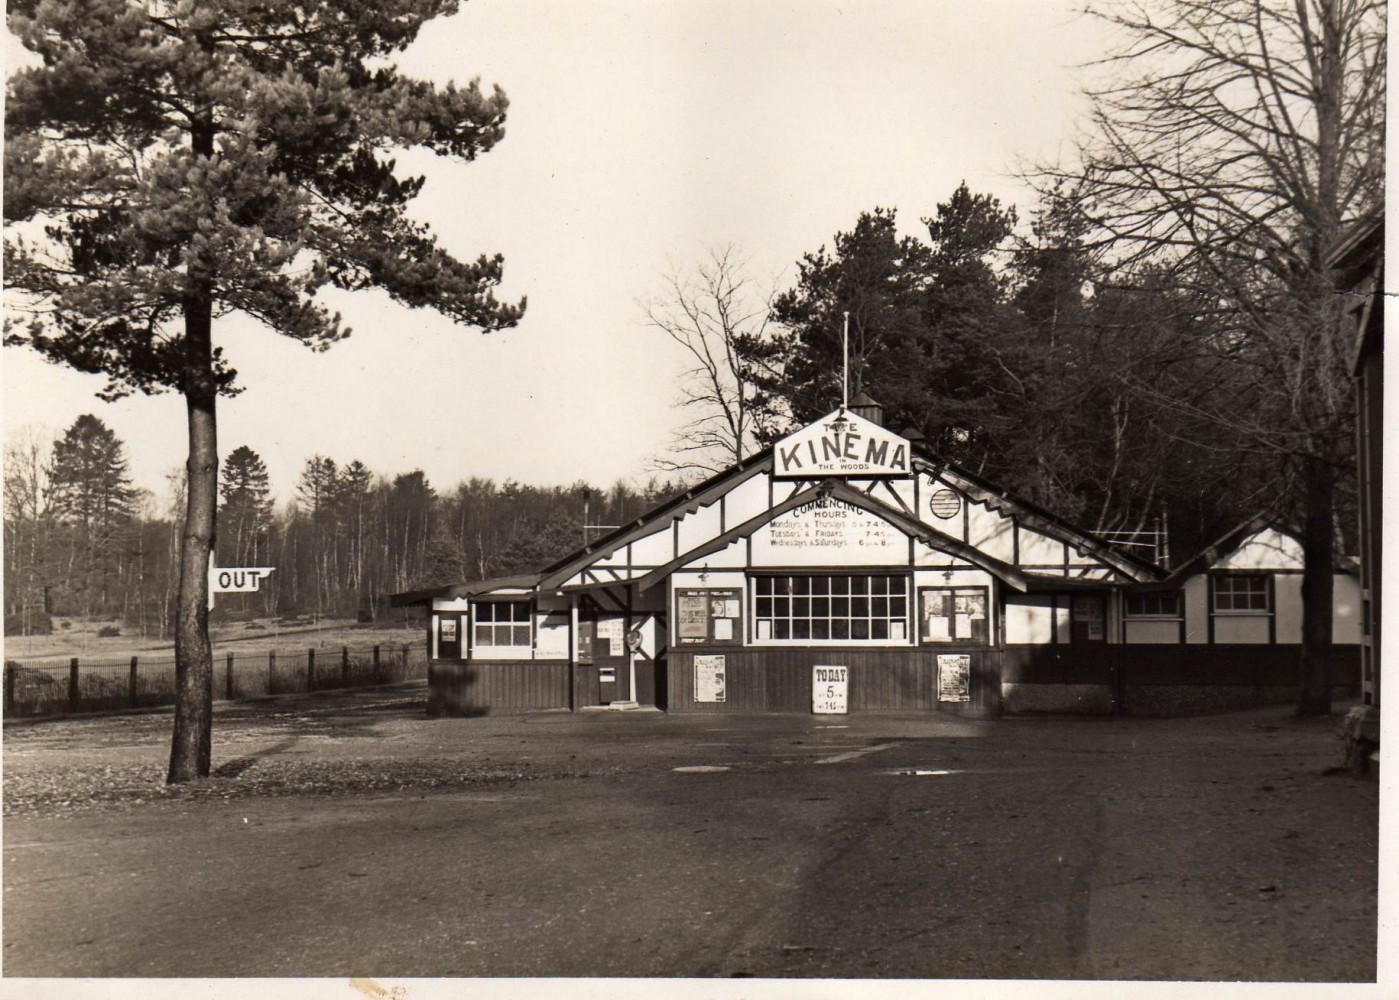 1922 Kinema In The Woods, Woodhall Spa